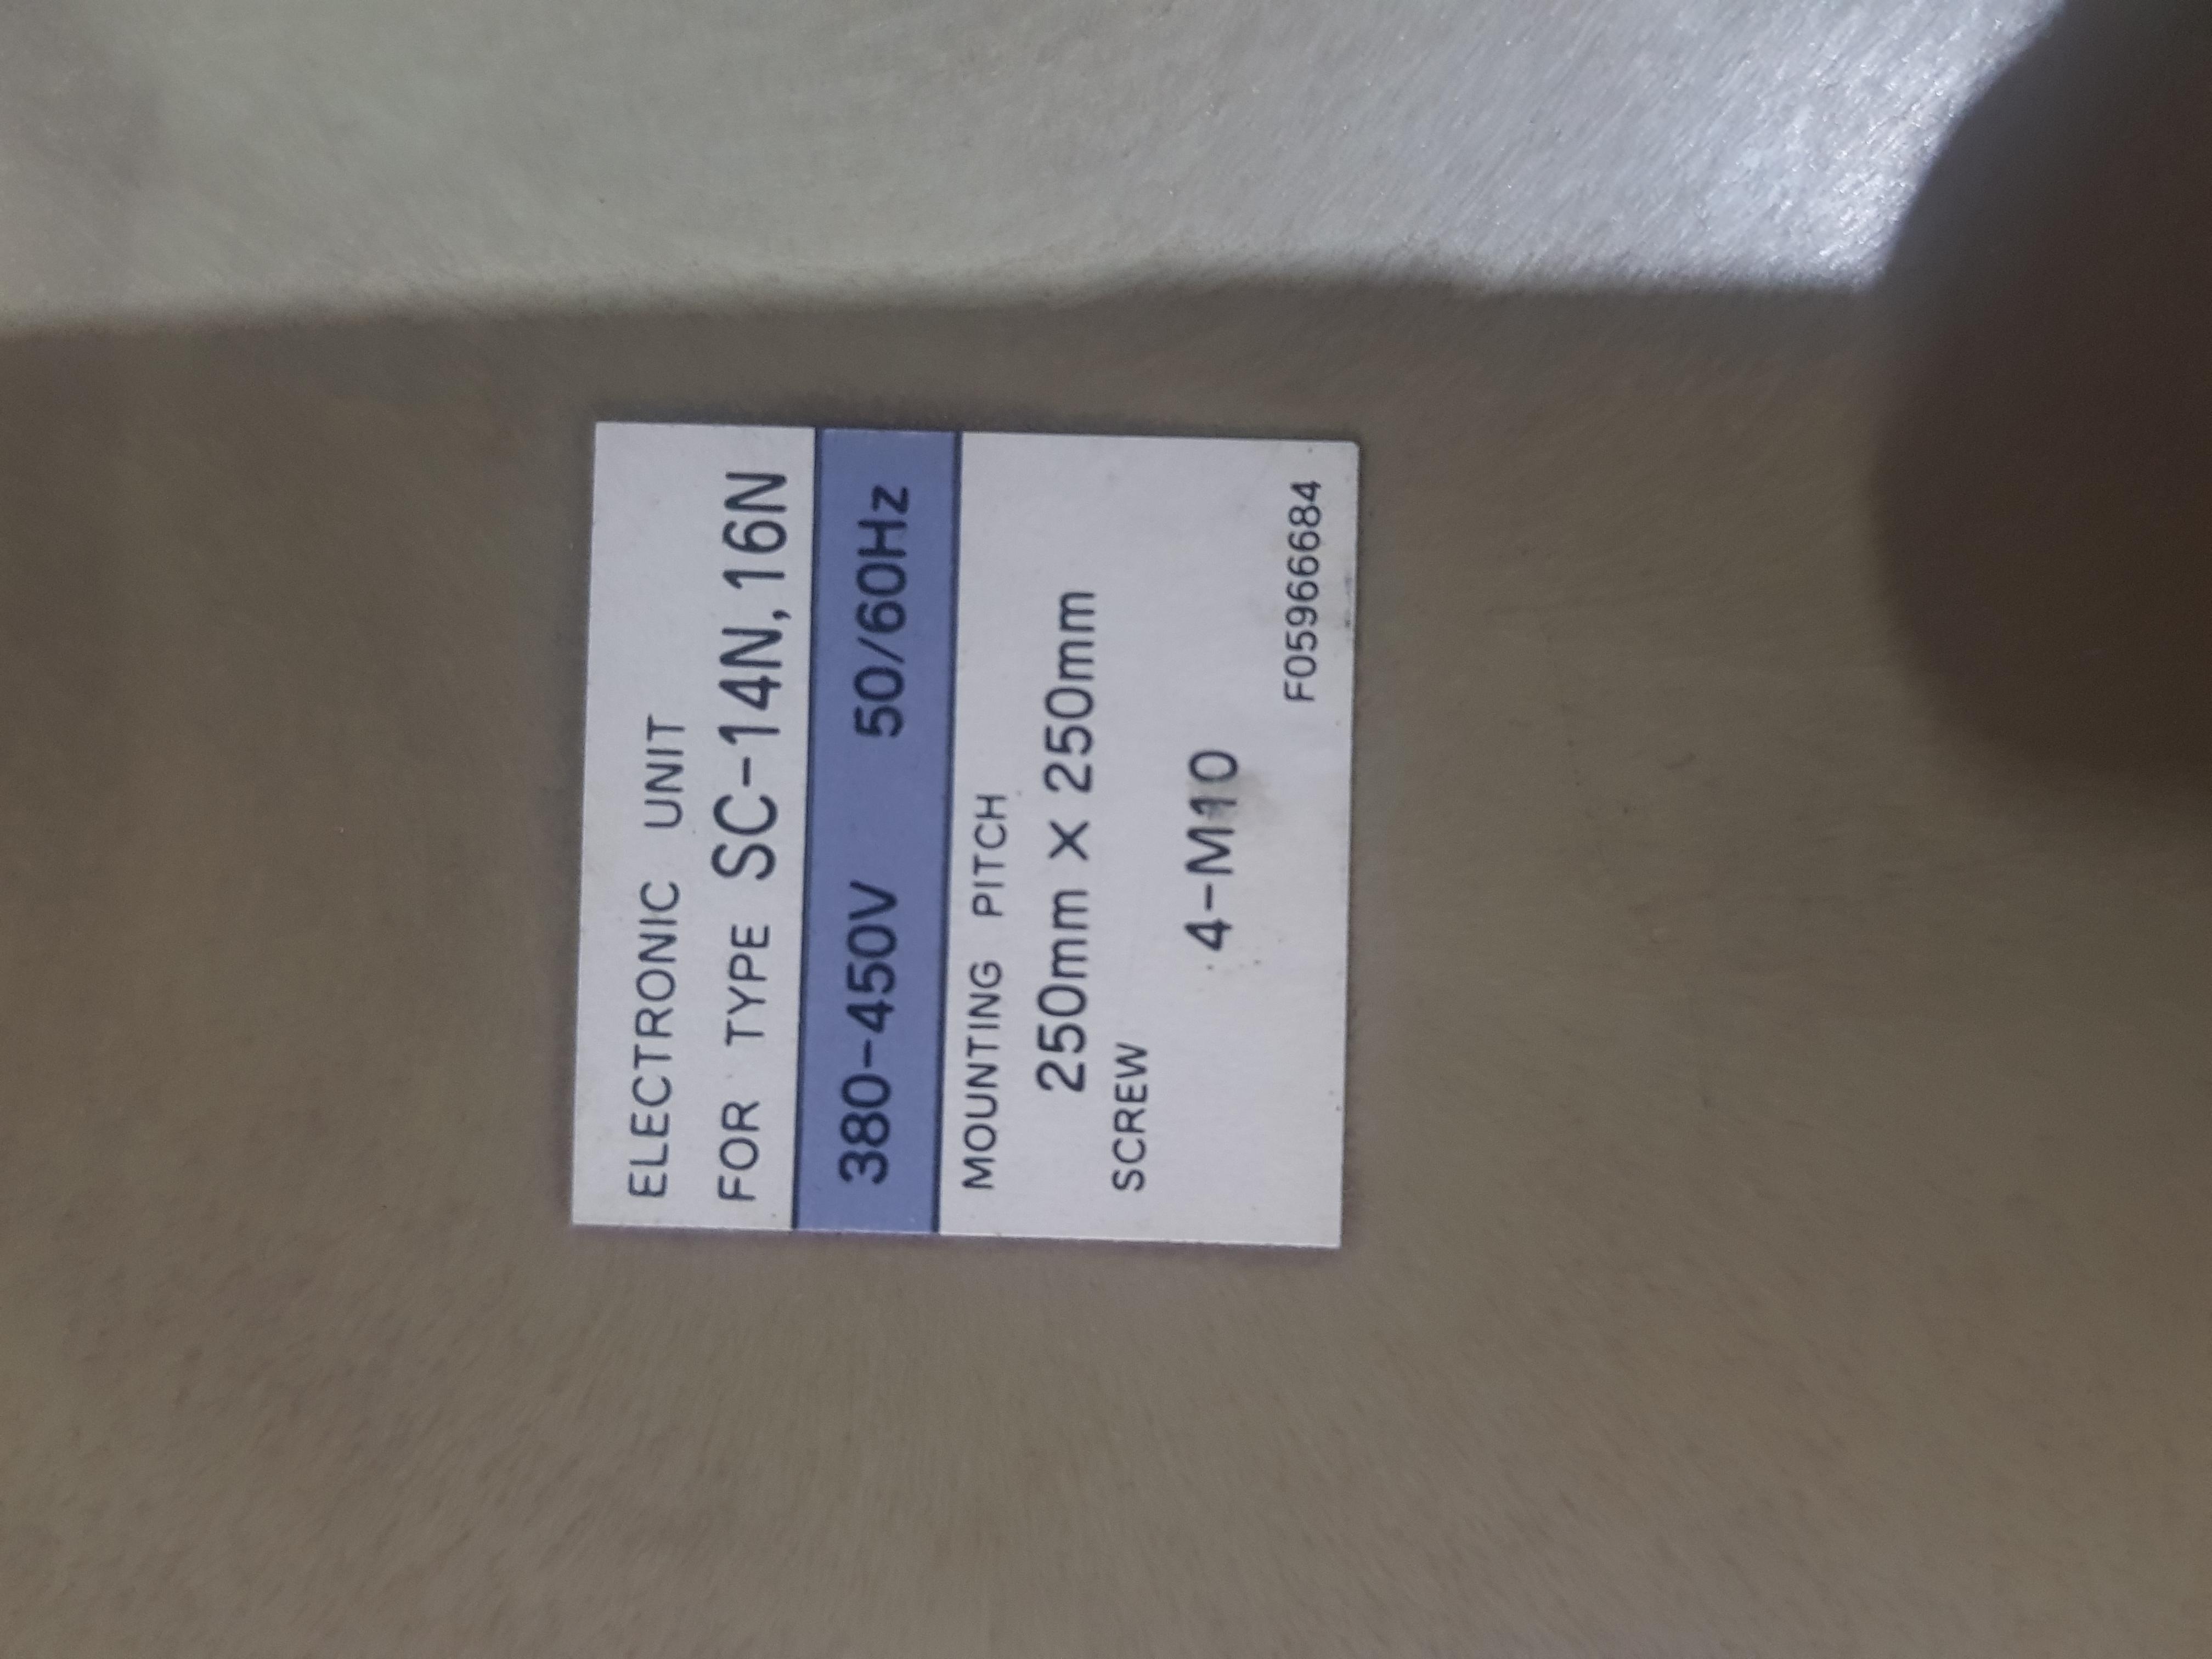 FUJI CONTACTOR SC-14N (600)